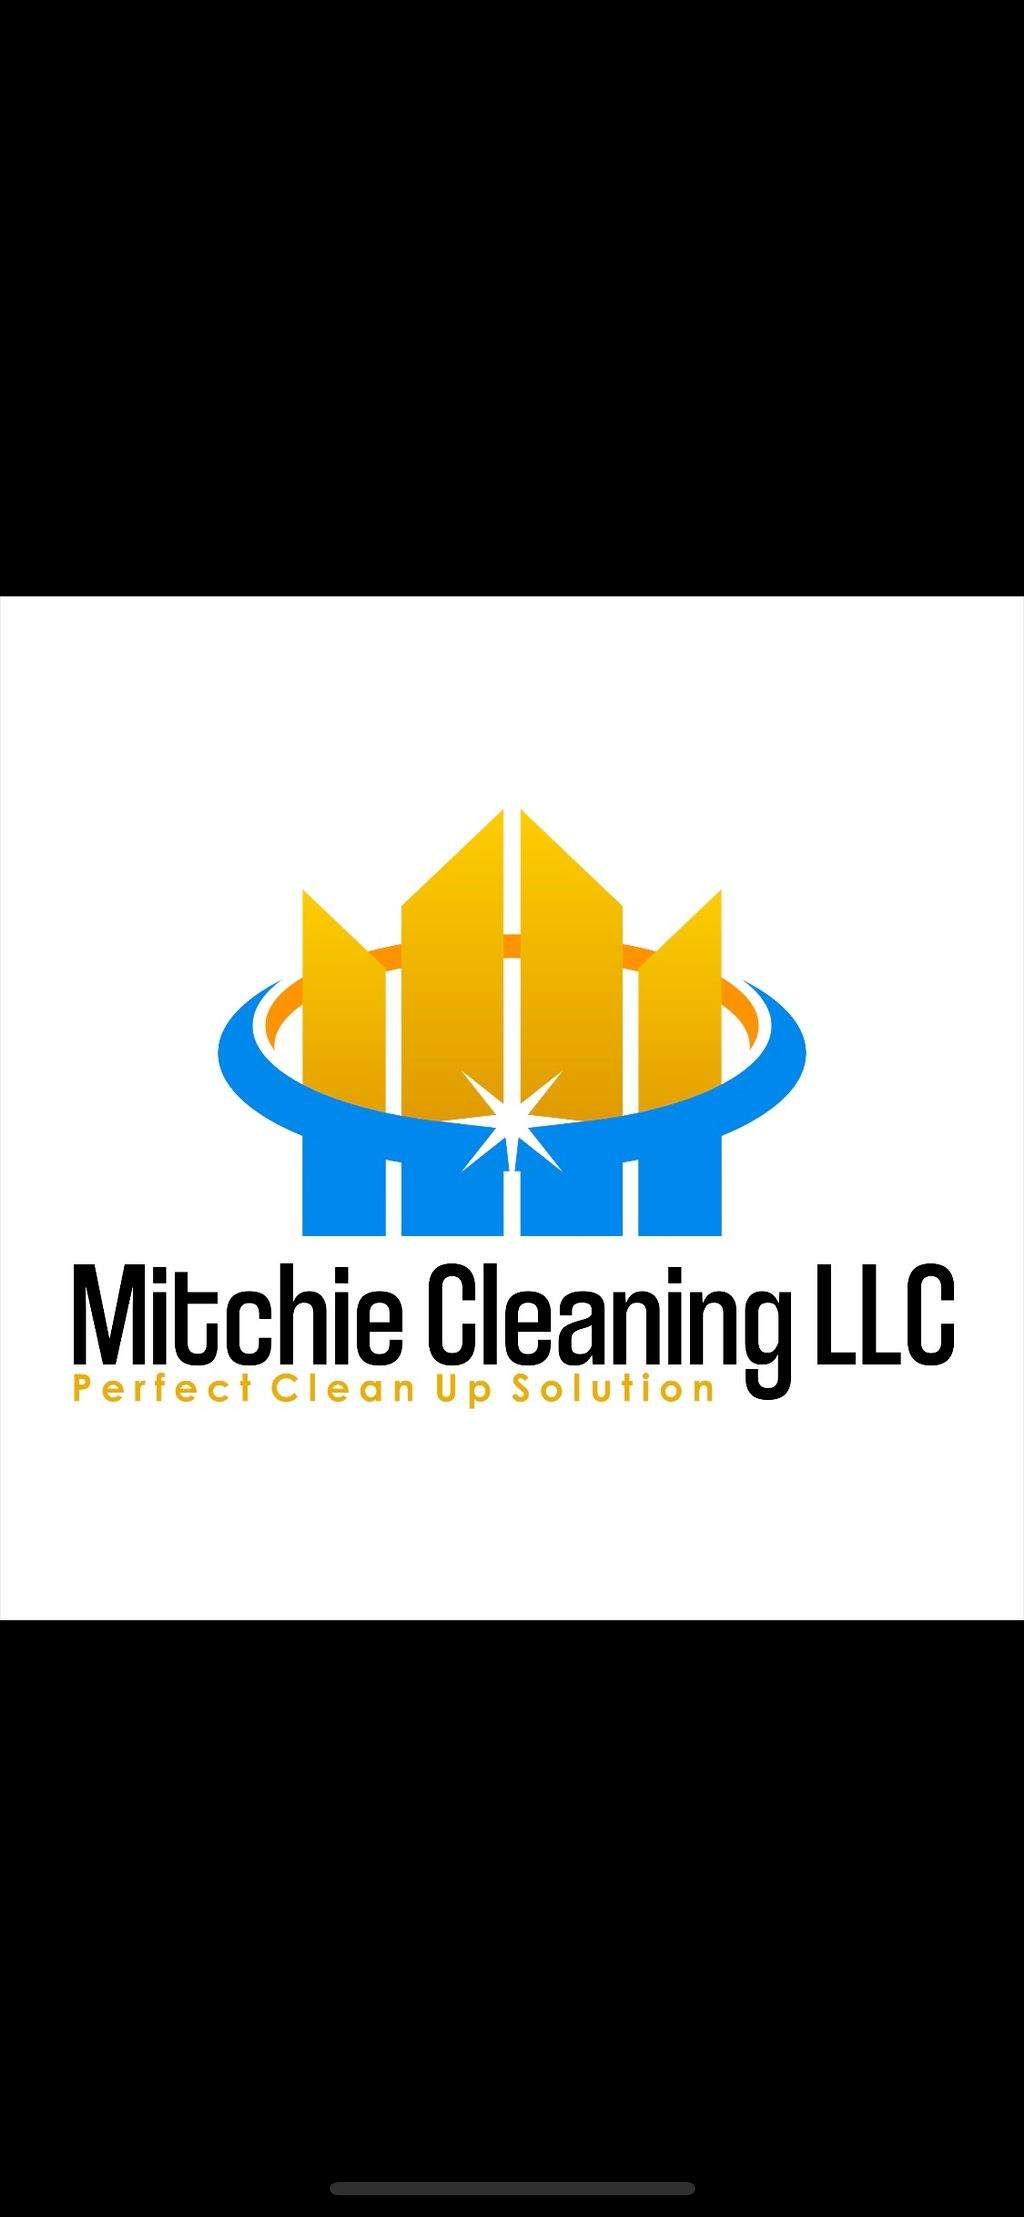 Mitchie Cleaning llc